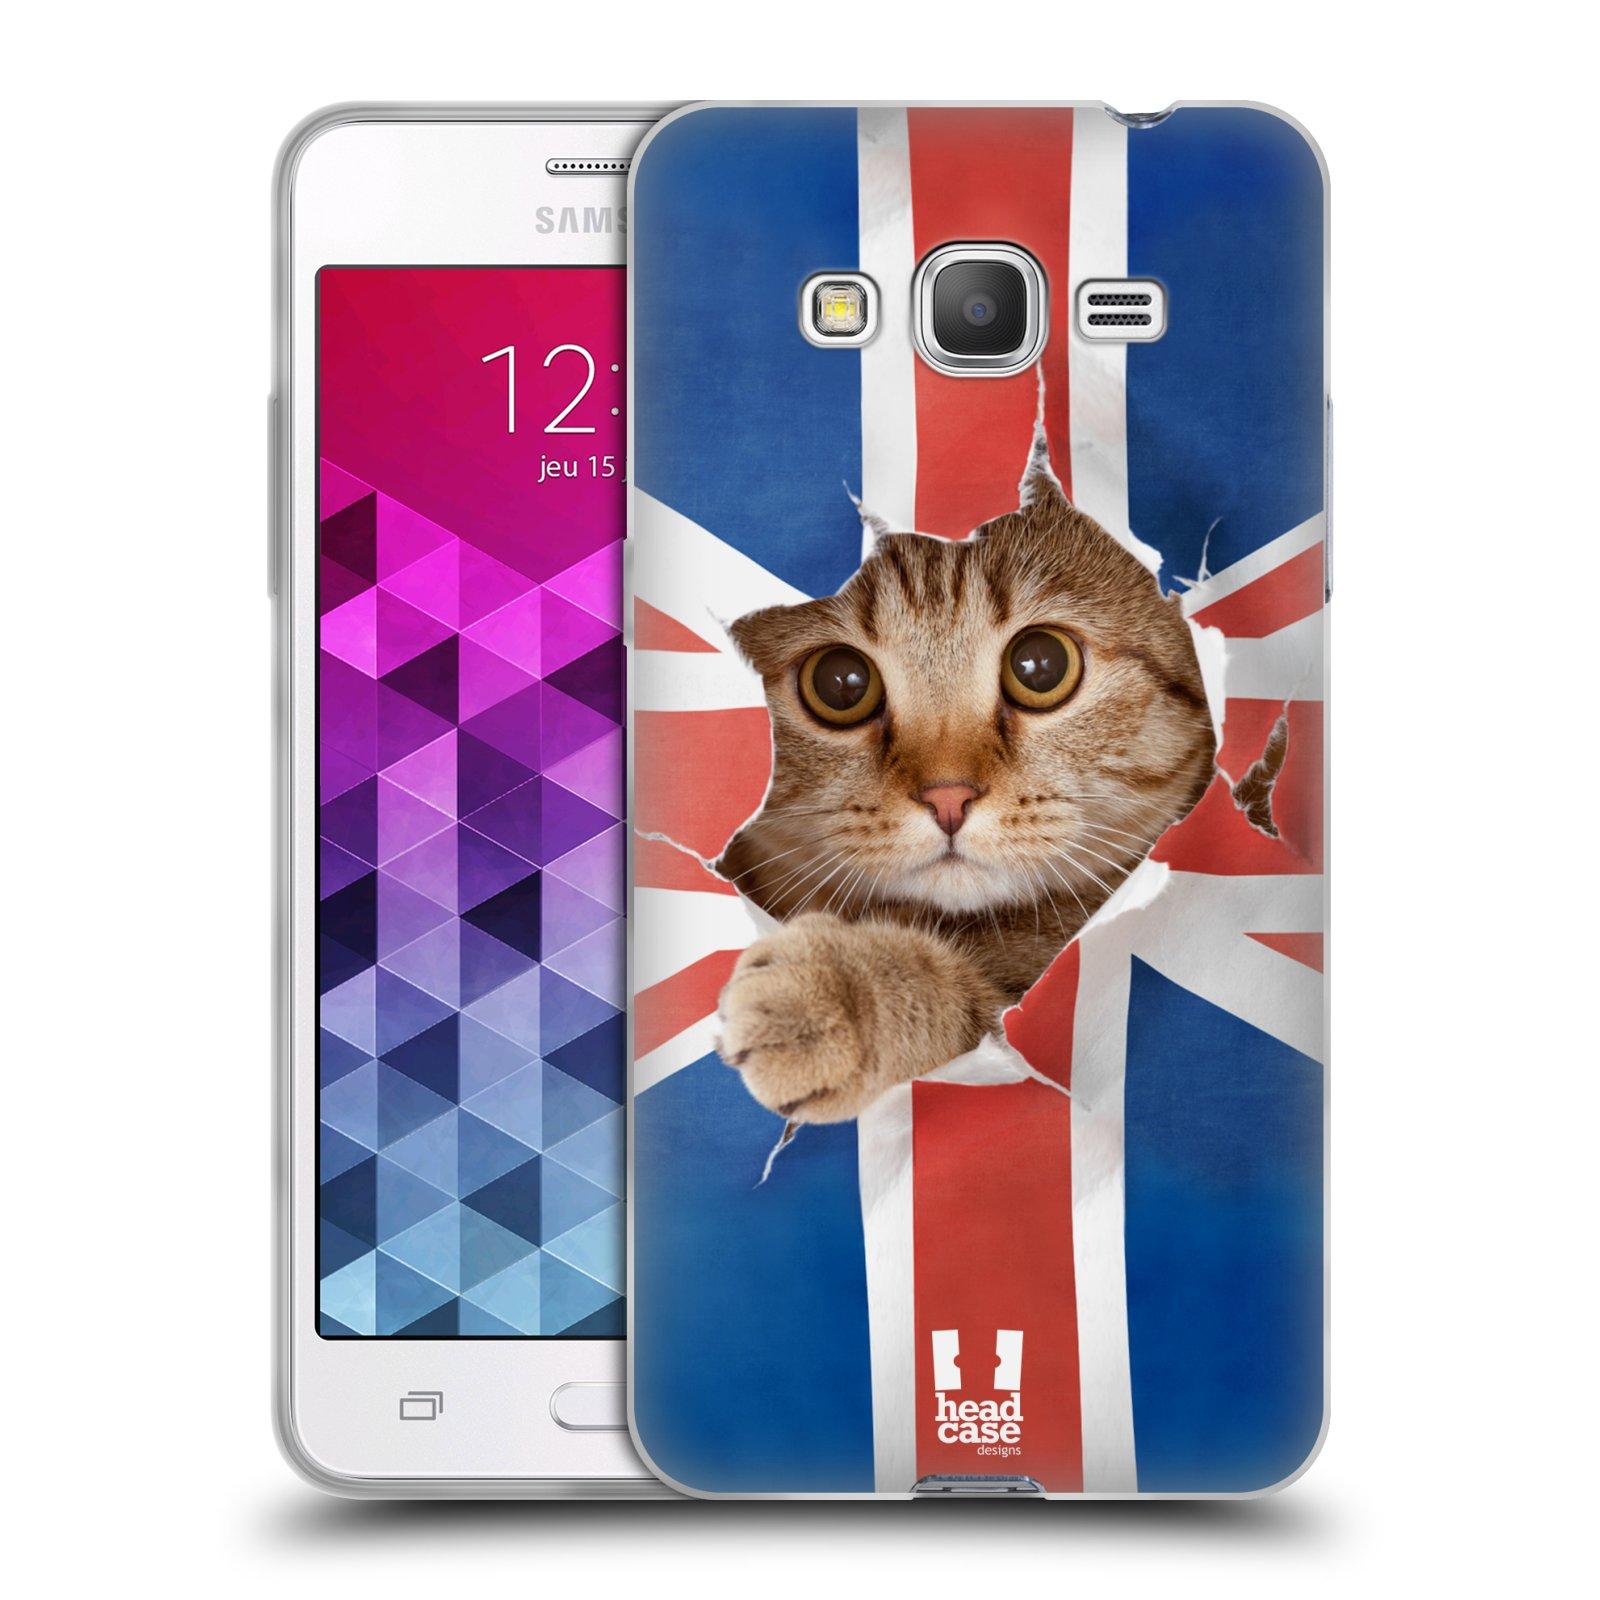 Silikonové pouzdro na mobil Samsung Galaxy Grand Prime VE HEAD CASE KOČKA A VLAJKA